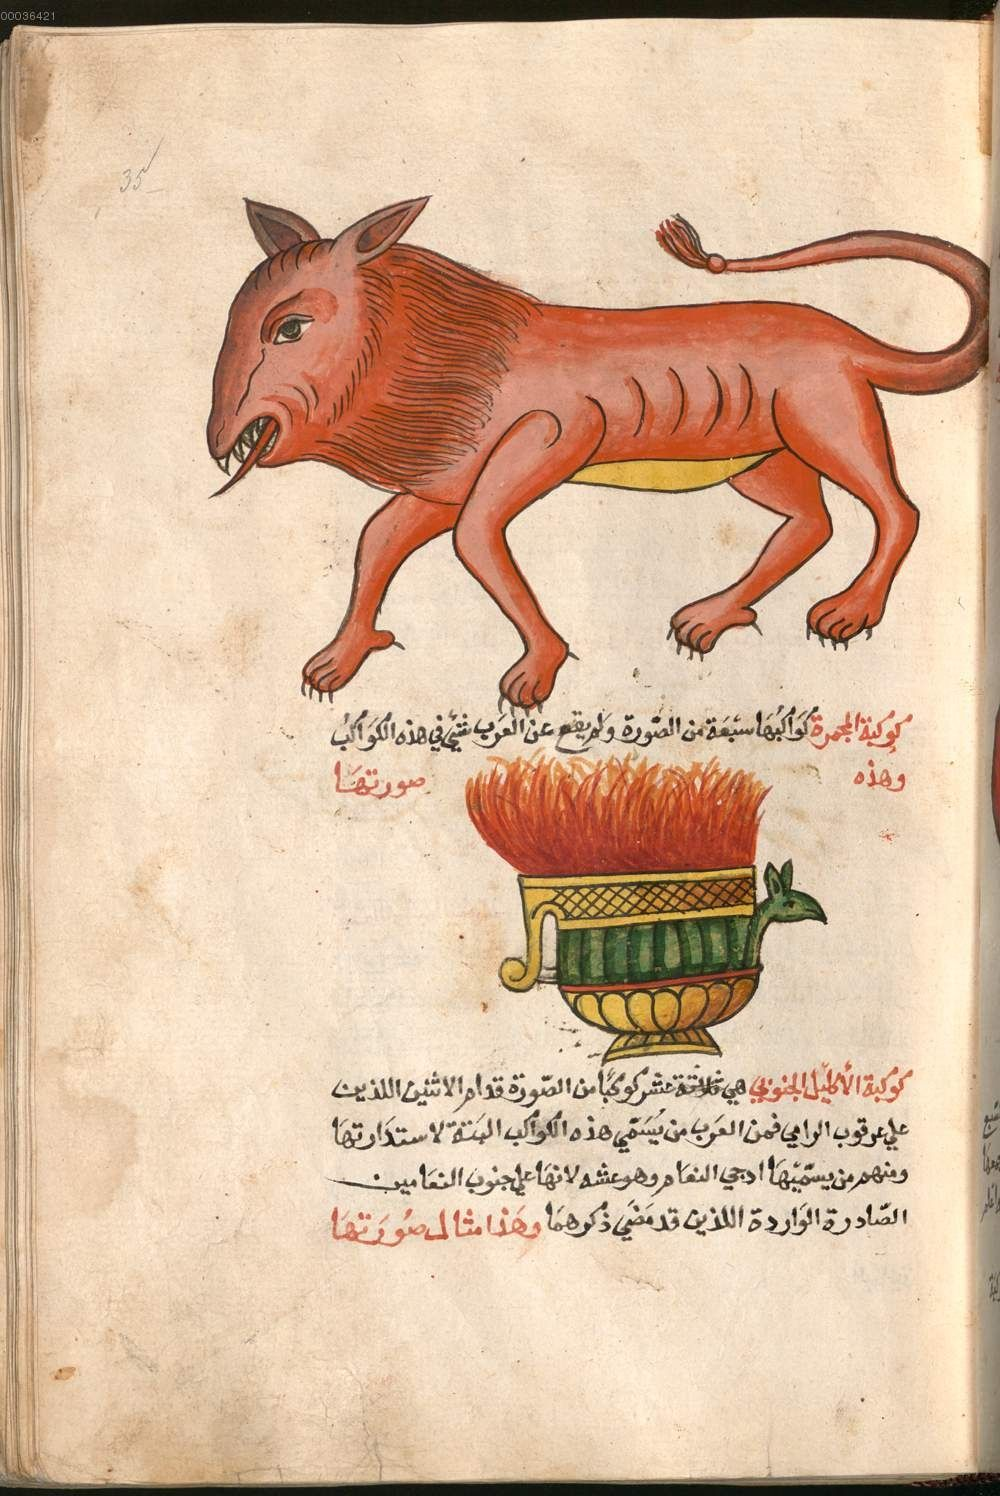 Qazwīnī, Zakarīyā Ibn-Muhammad al-: Kitāb ʿAǧāʾib al-ma̮hlūqāt wa-ġarāʾib al-mauǧūdāt - BSB Cod.arab. 463, Palestine?, 1750-1770 [BSB-Hss Cod.arab. 463]